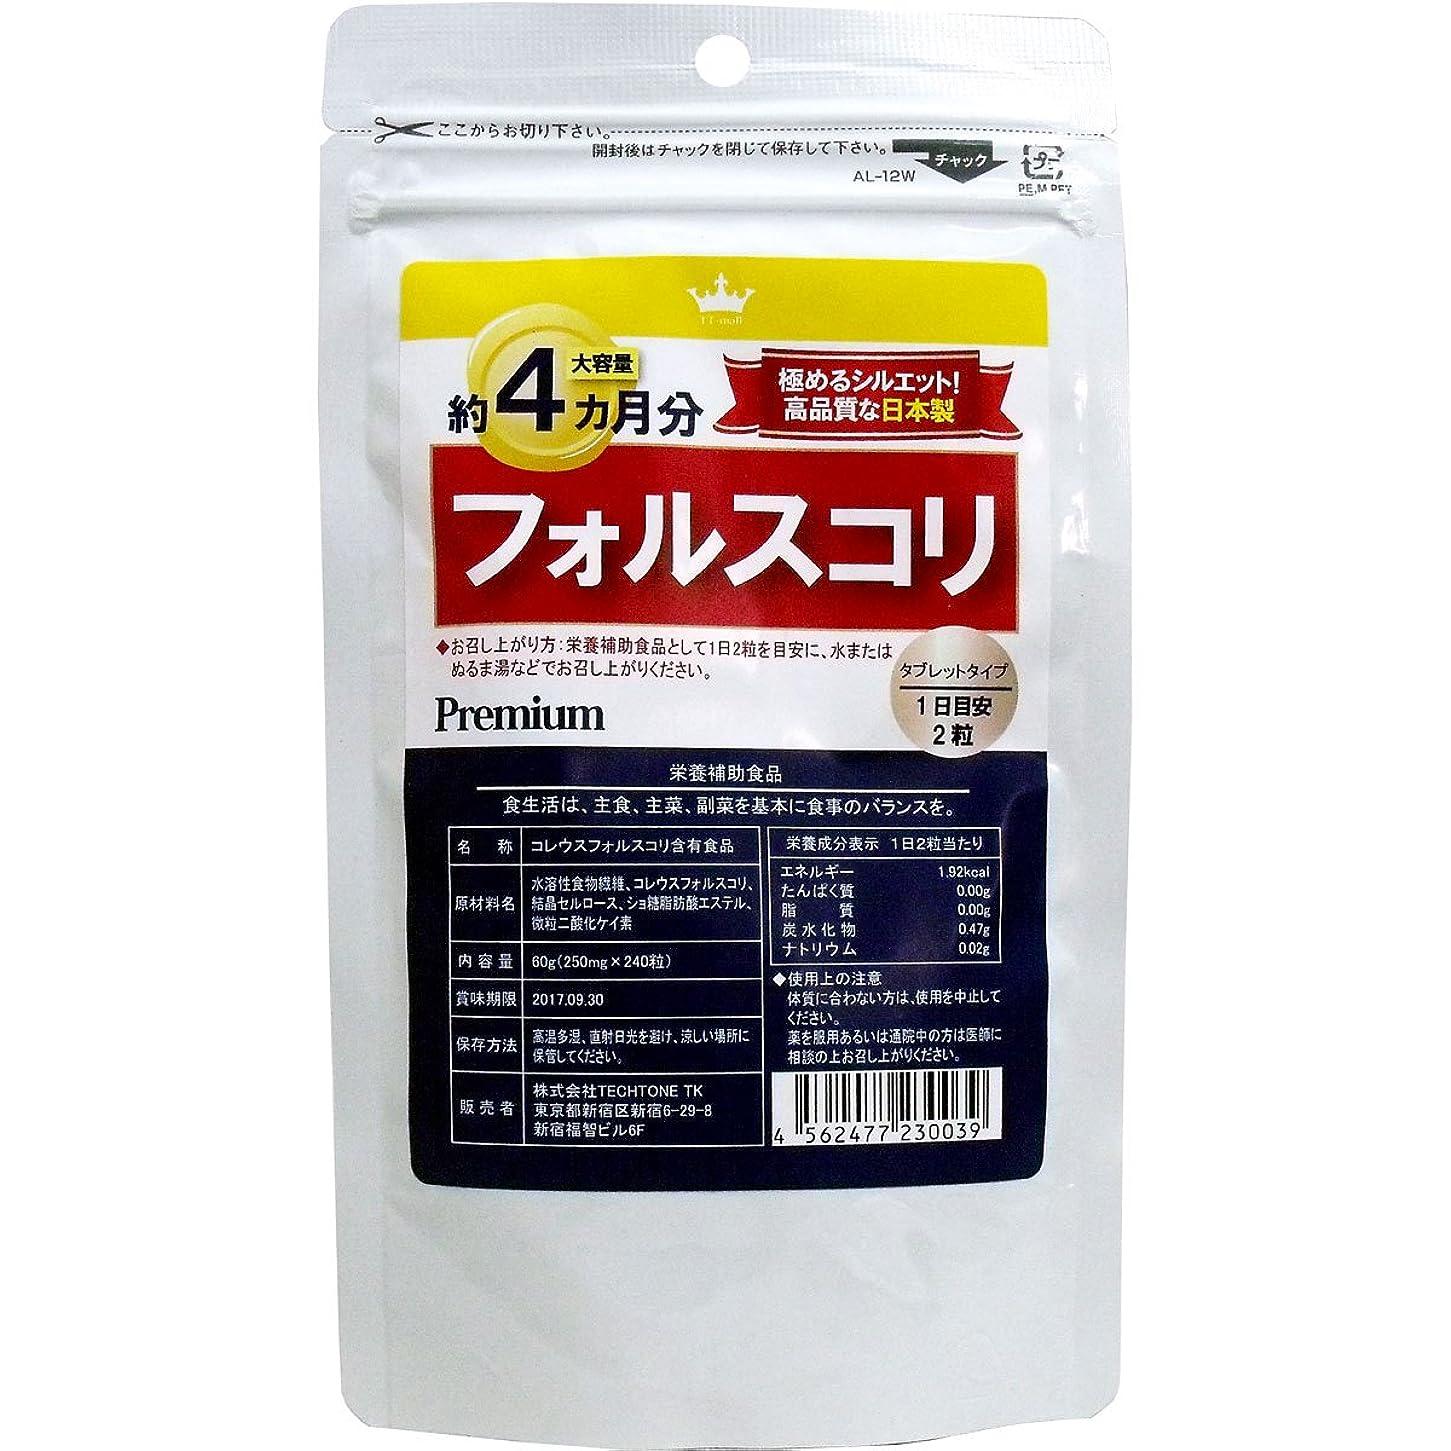 変色するスーダンナチュラサプリ 高品質な日本製 話題の フォルスコリ 約4カ月分 240粒入【1個セット】